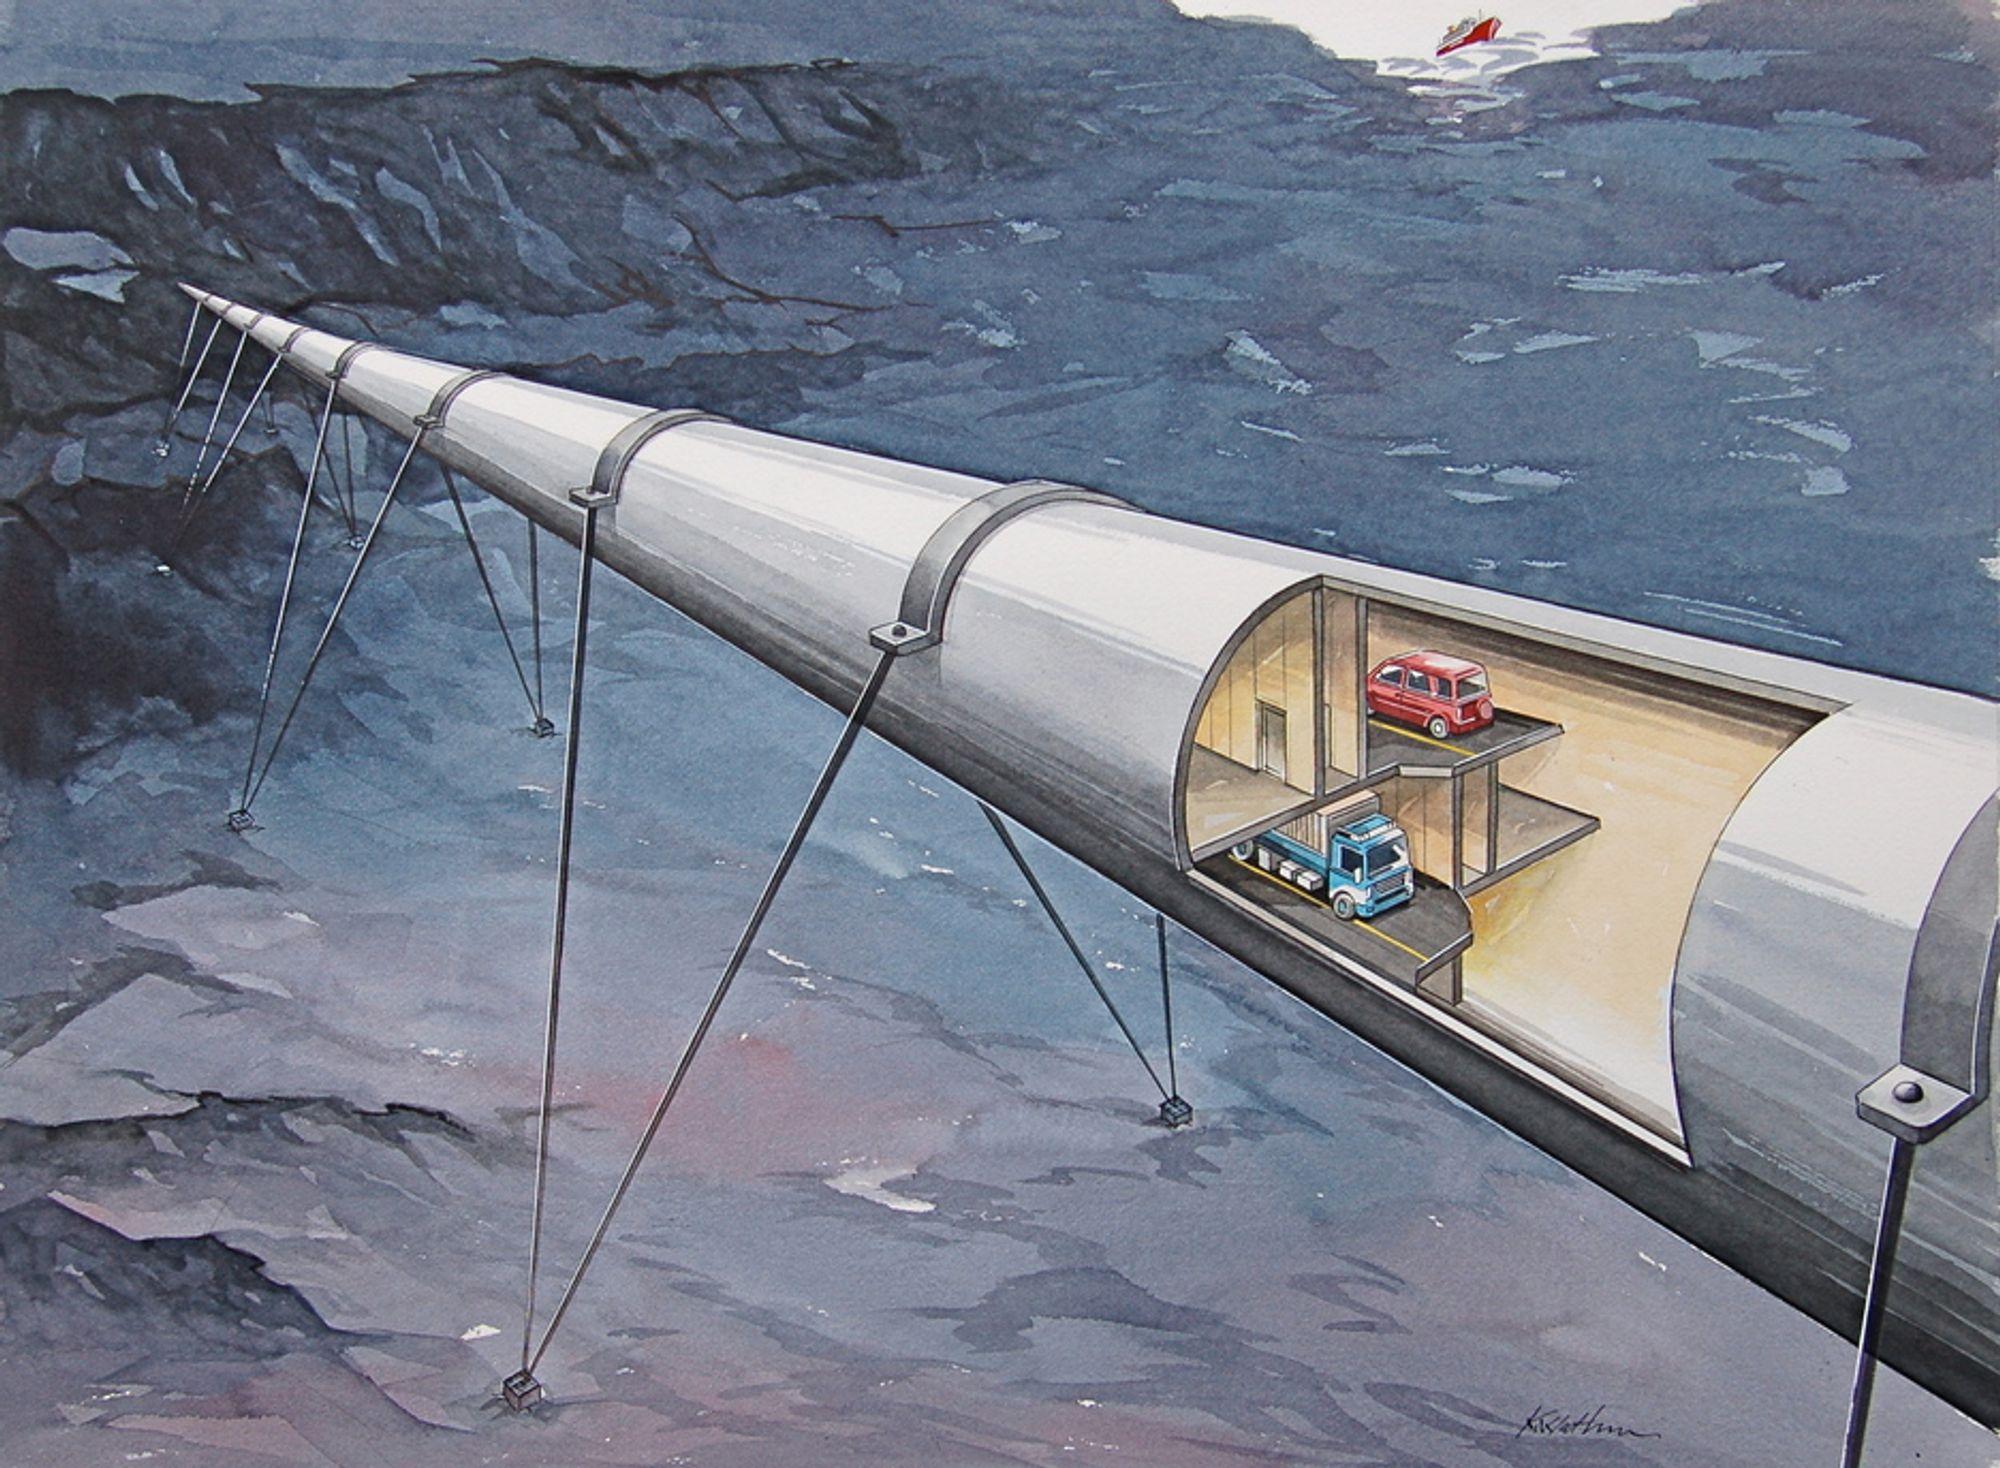 RØRBRO: Veien kan legges i et rør som flyter i vannet. Dypt nok til at skip trygt kan passere over. Rørene kan være laget av betong, eller av stål.